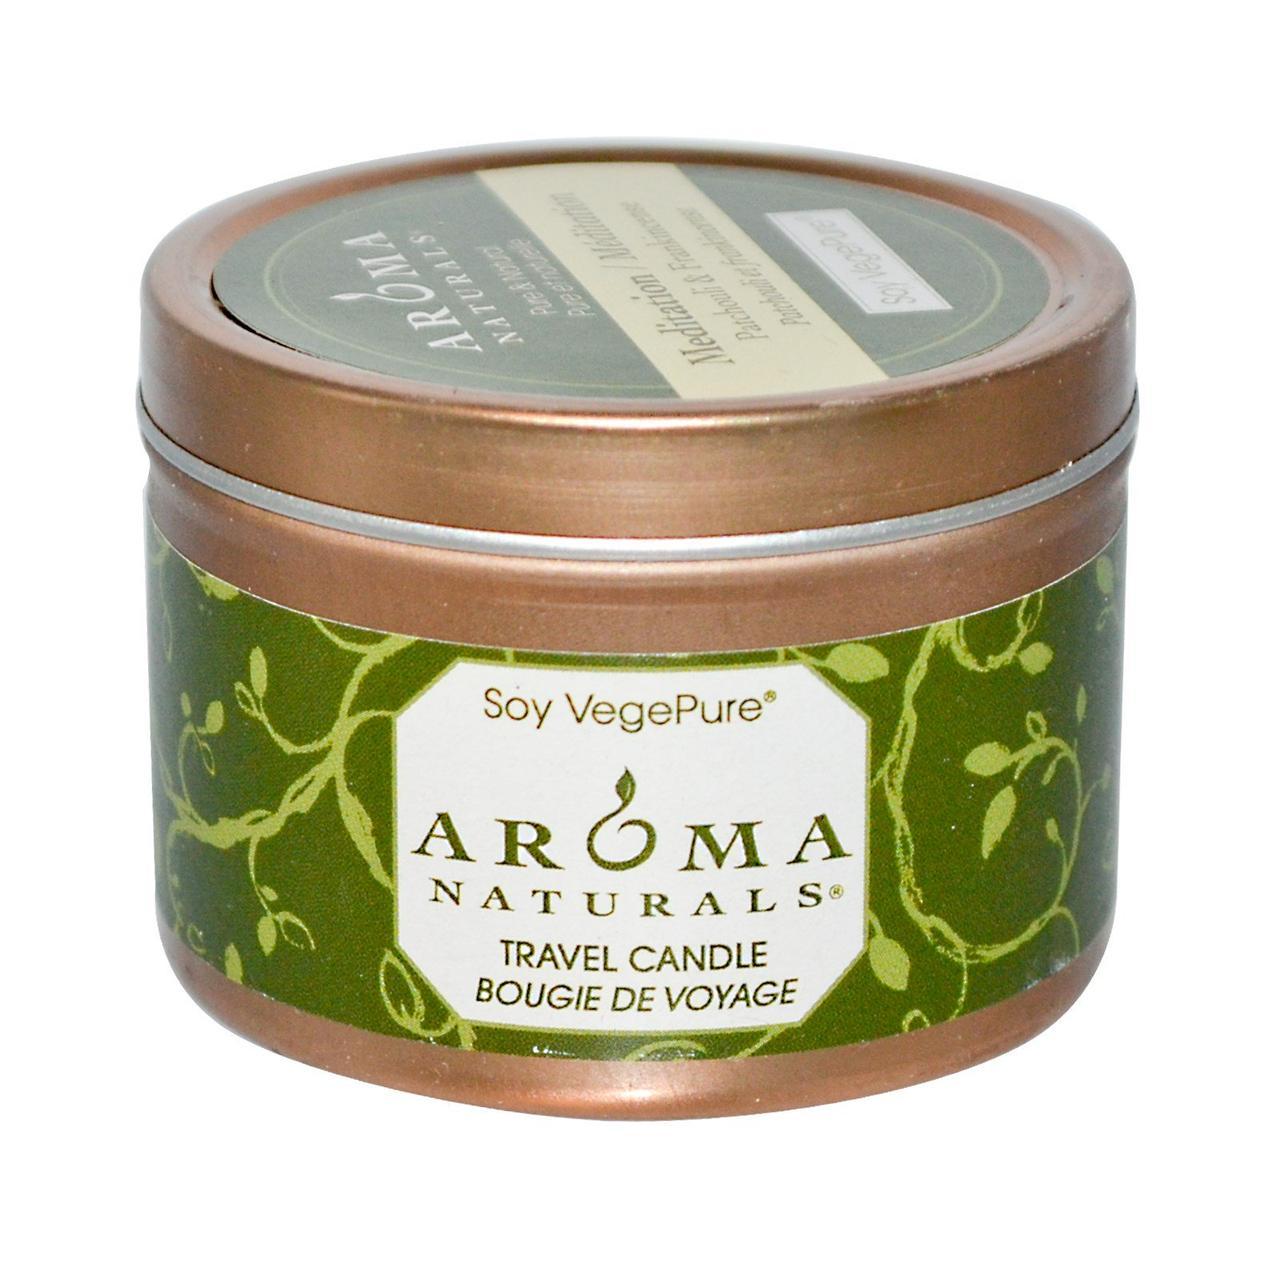 Свеча с ароматом пачули и ладана, Aroma Naturals,79,38 г